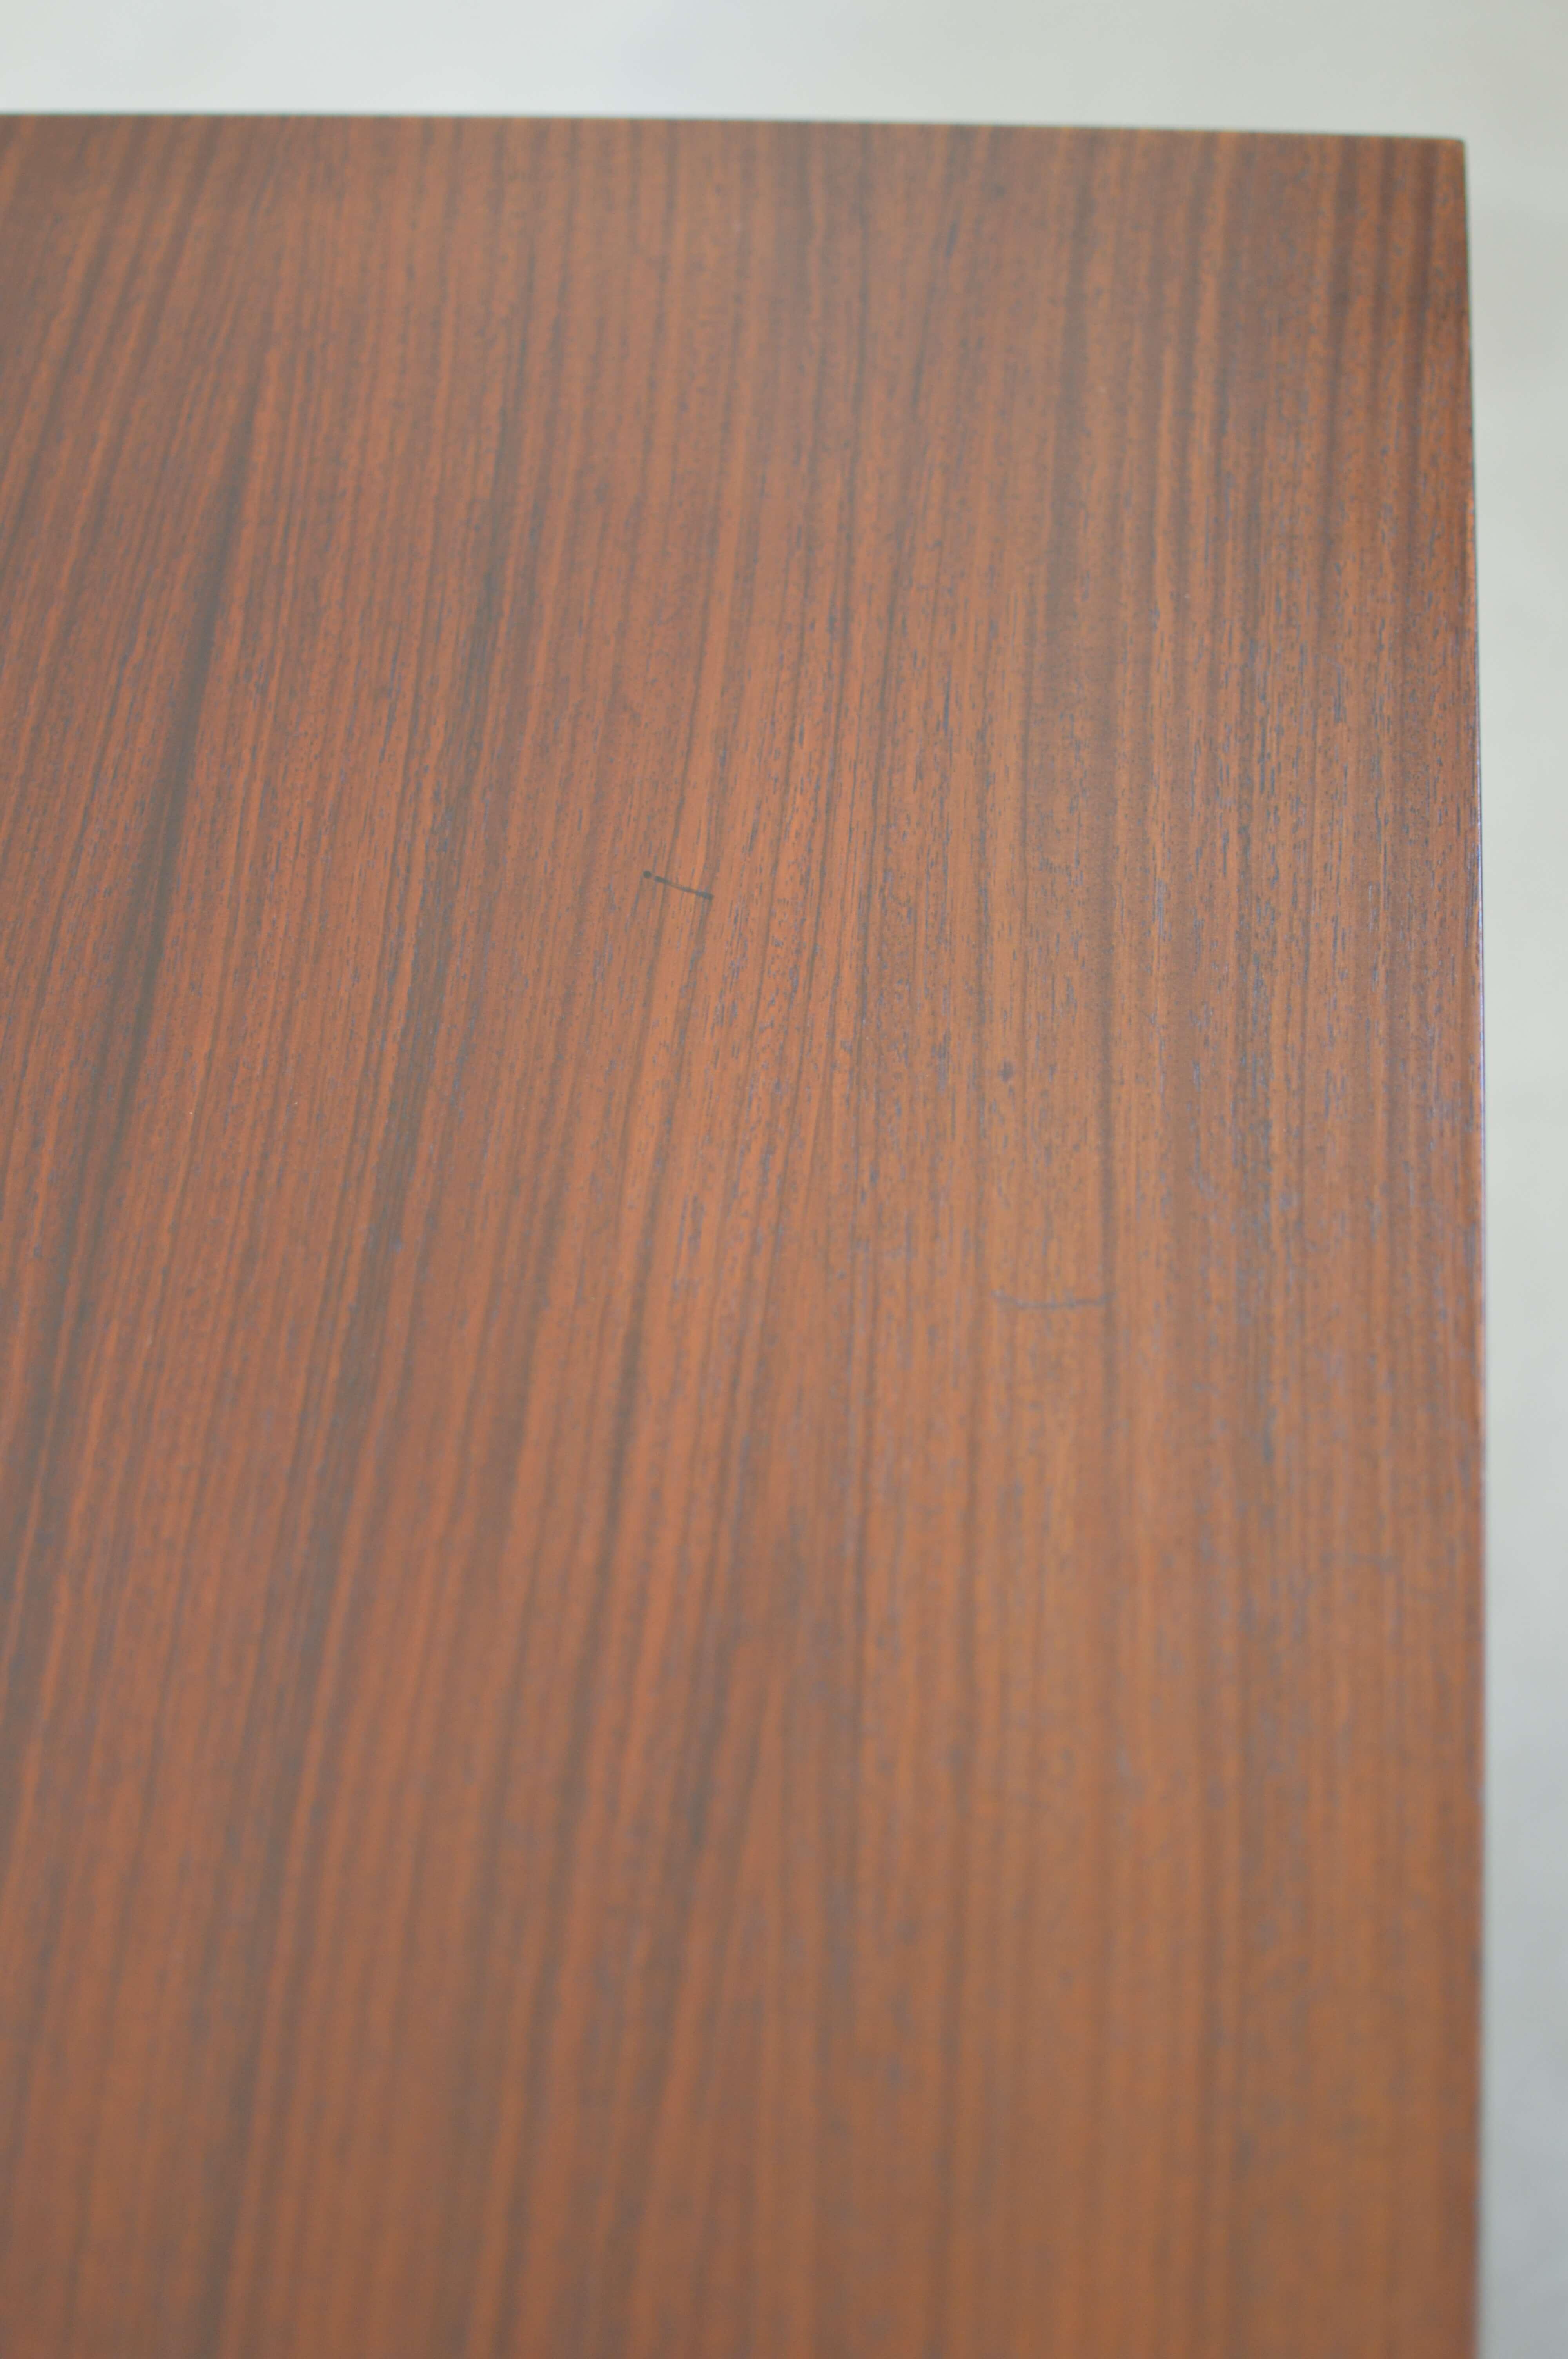 Vintage Palissanderhouten Dressoir